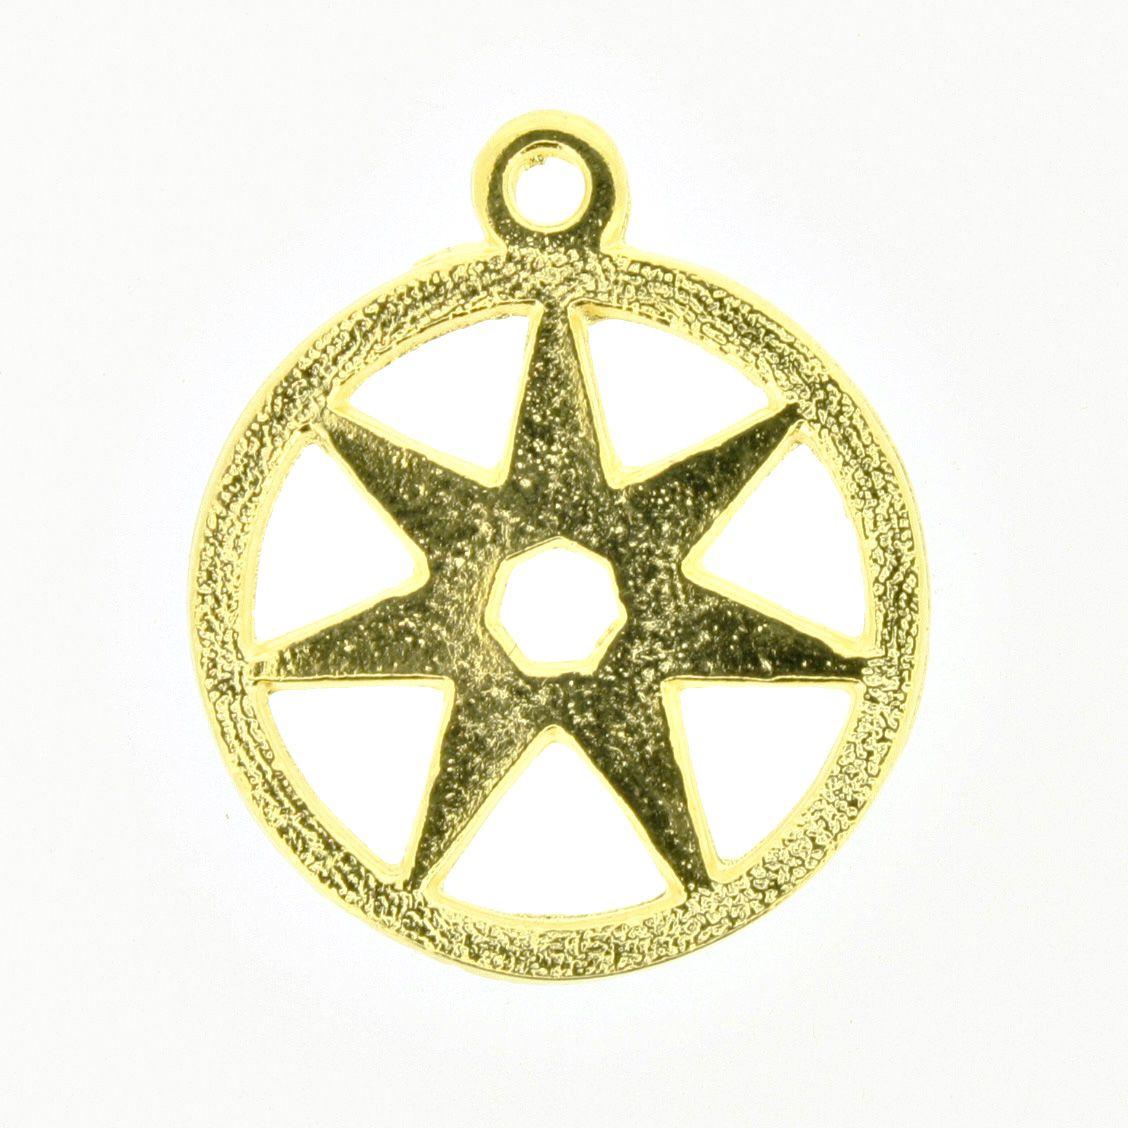 Estrela de 7 pontos - Dourado - 25mm  - Universo Religioso® - Artigos de Umbanda e Candomblé